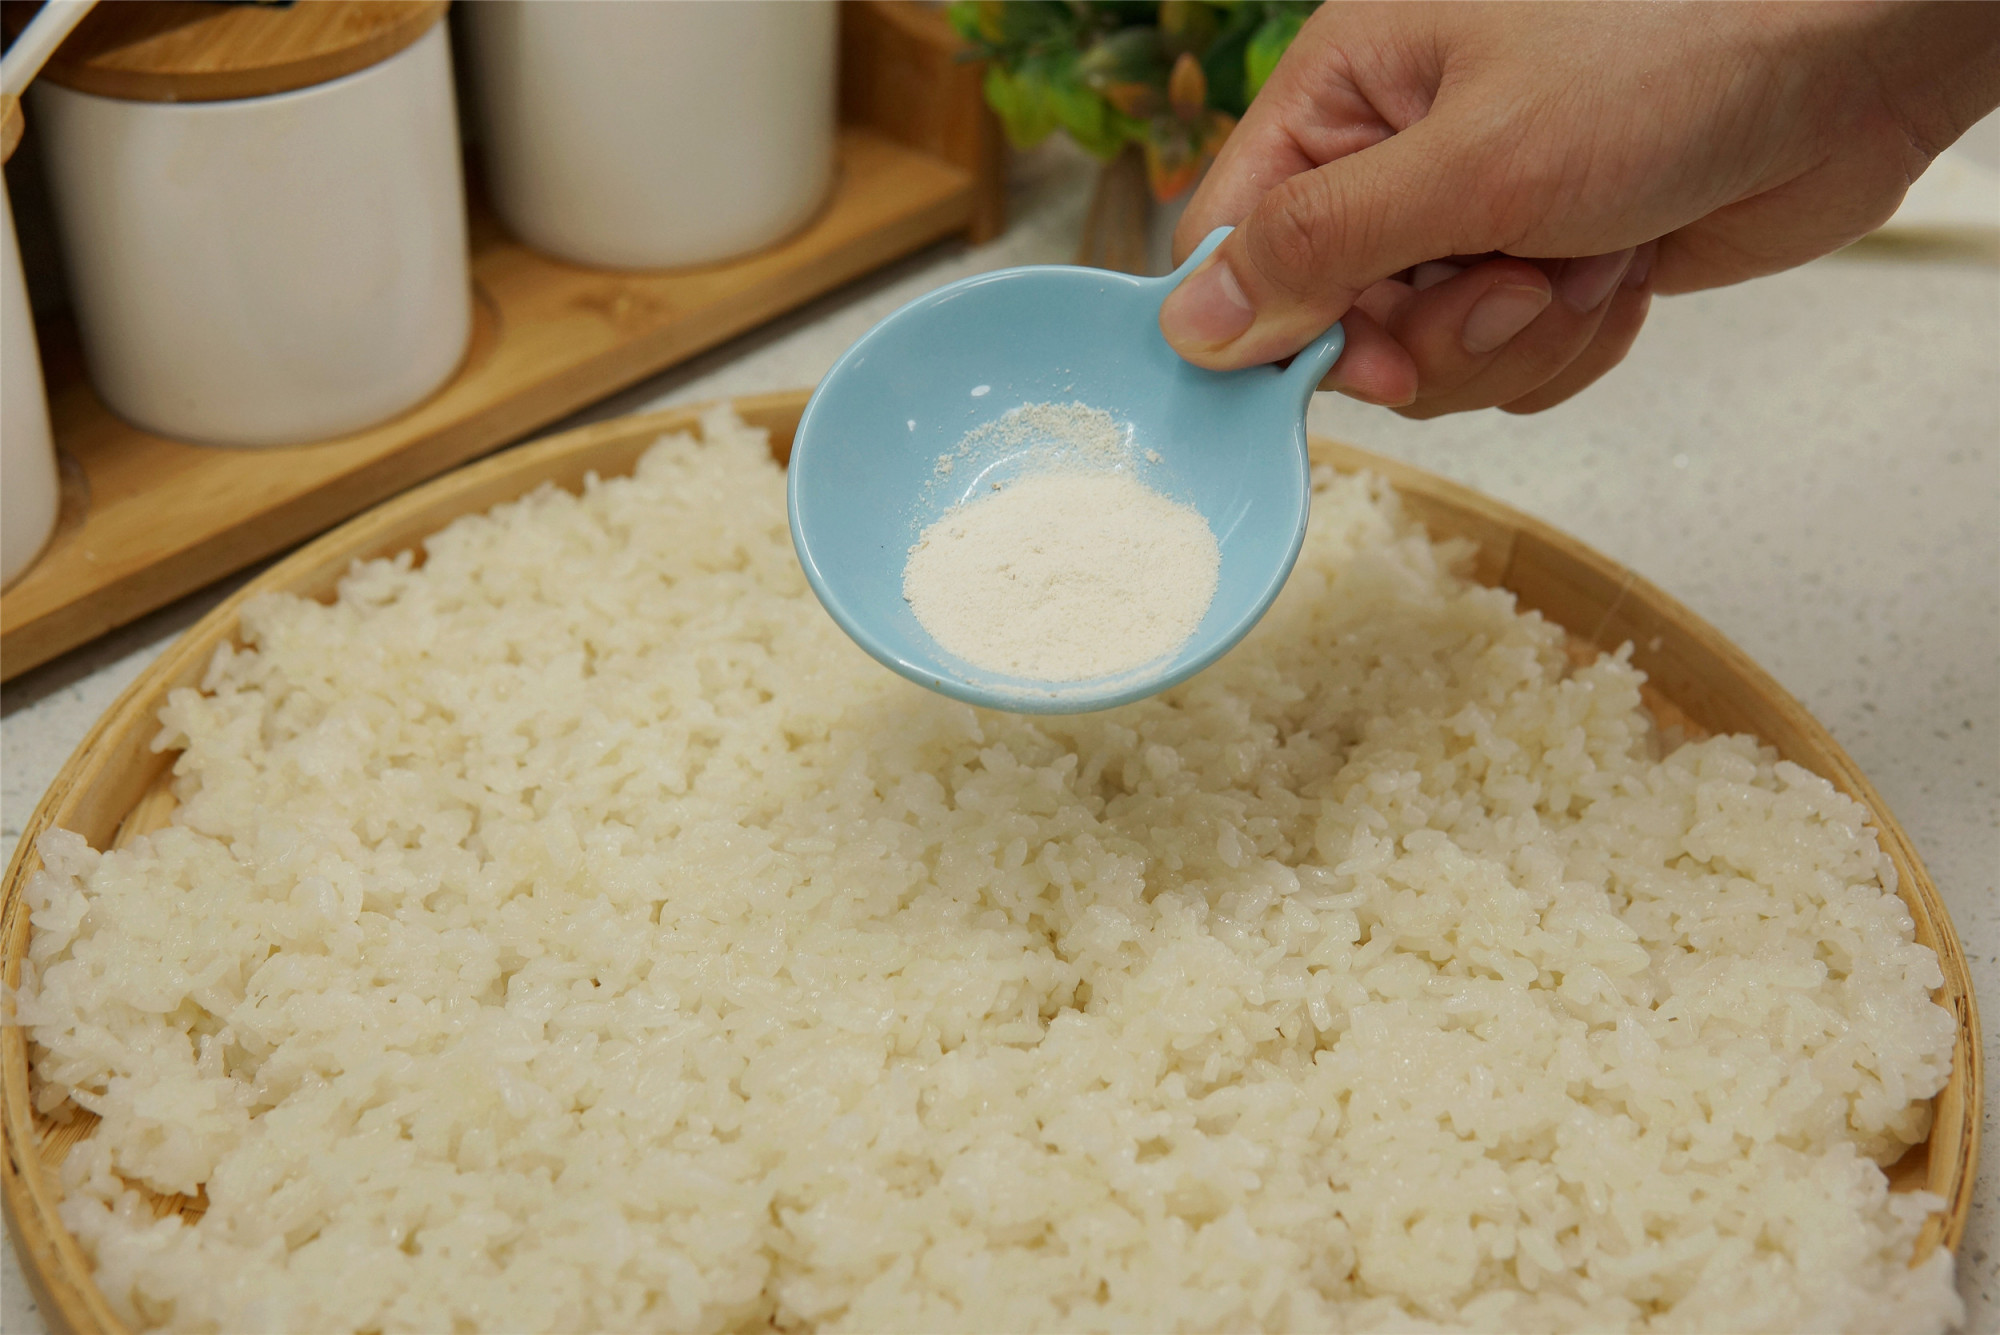 原来做醪糟米酒这么简单,经验分享出来,味道醇正,不用买了